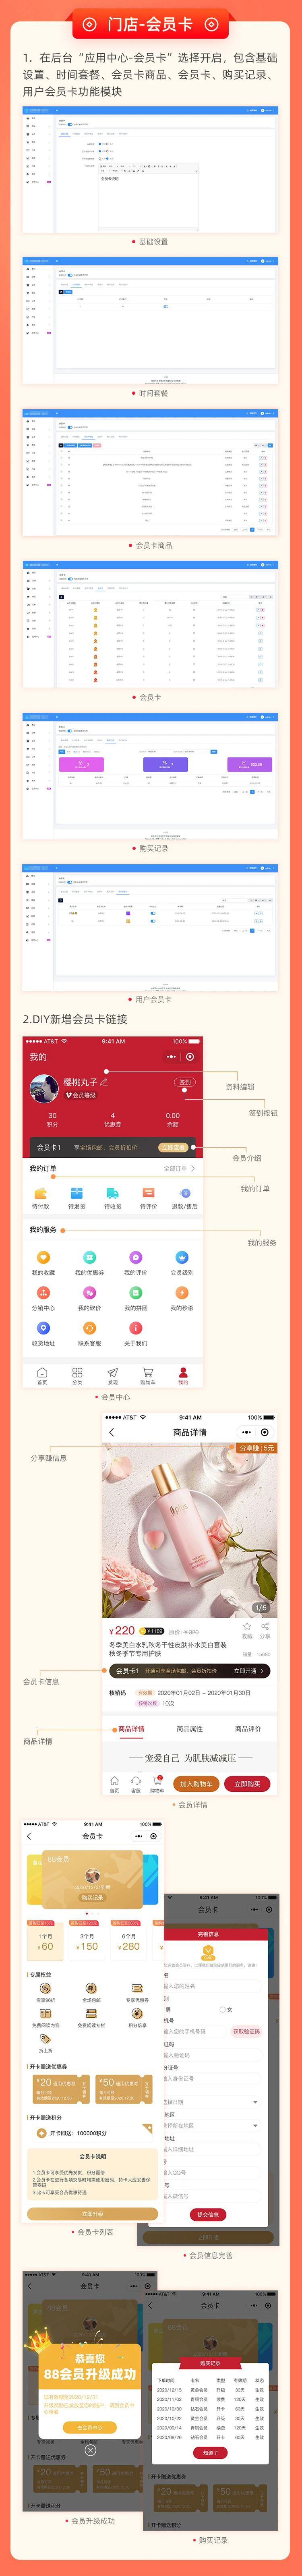 帝云商城系统应用12月第四期更新内容